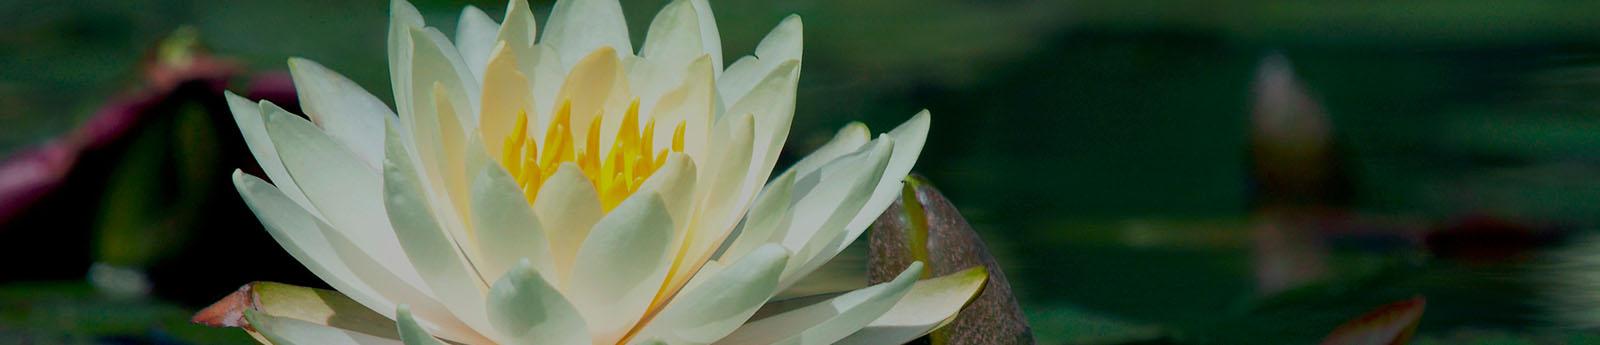 Resources | Kiesau-Lee Funeral Home